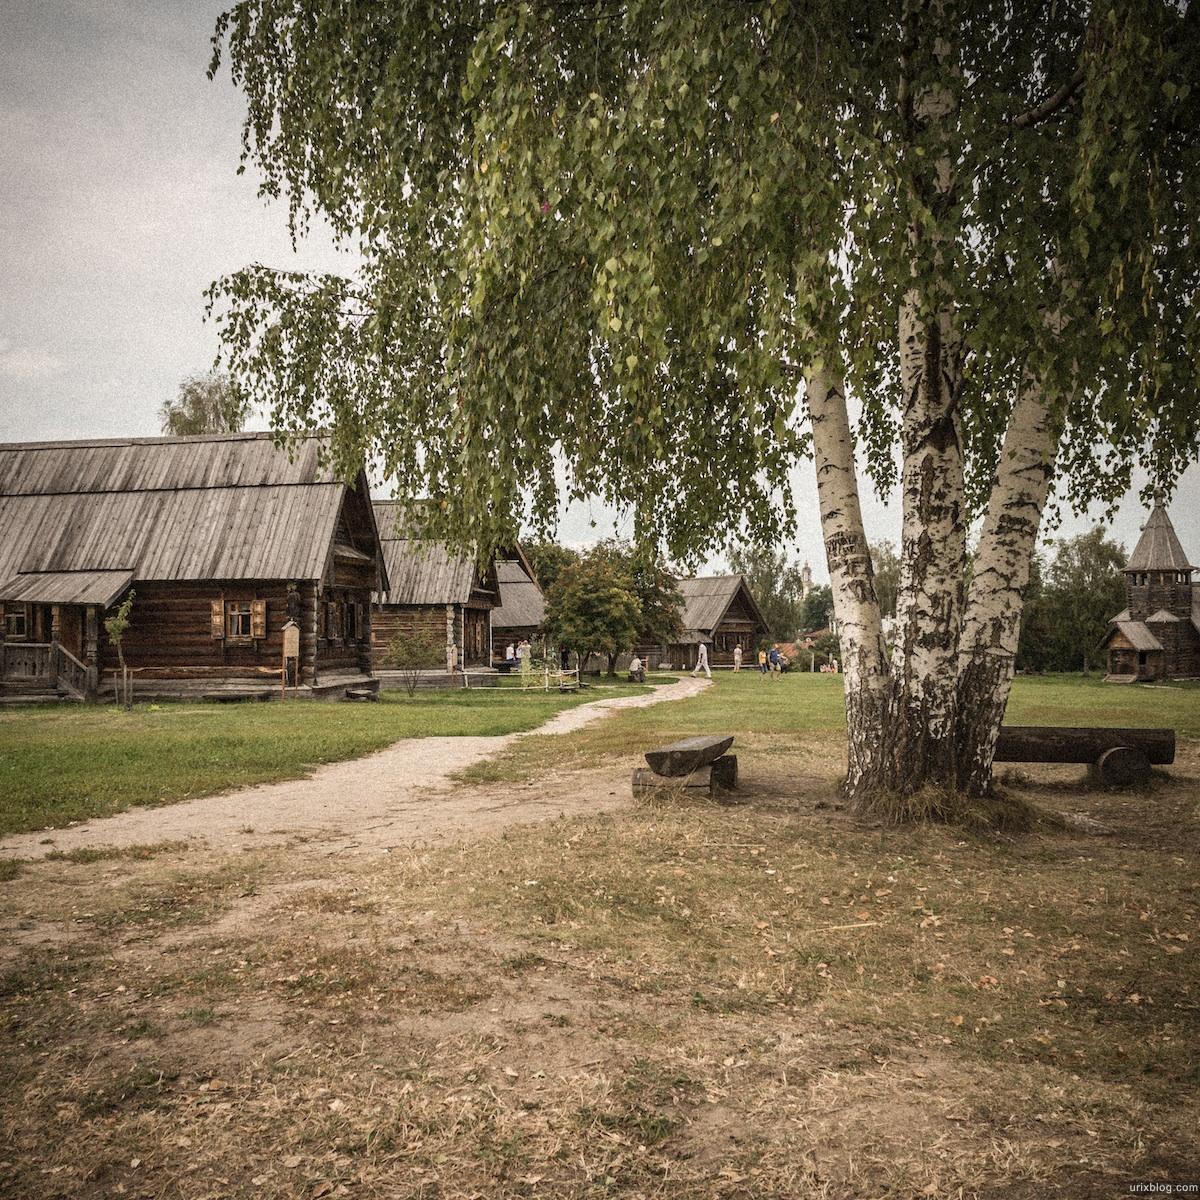 2012 Суздаль Владимирская область Музей деревянного зодчества, 3D, stereo, cross-eyed, стерео, стереопара Canon 600D